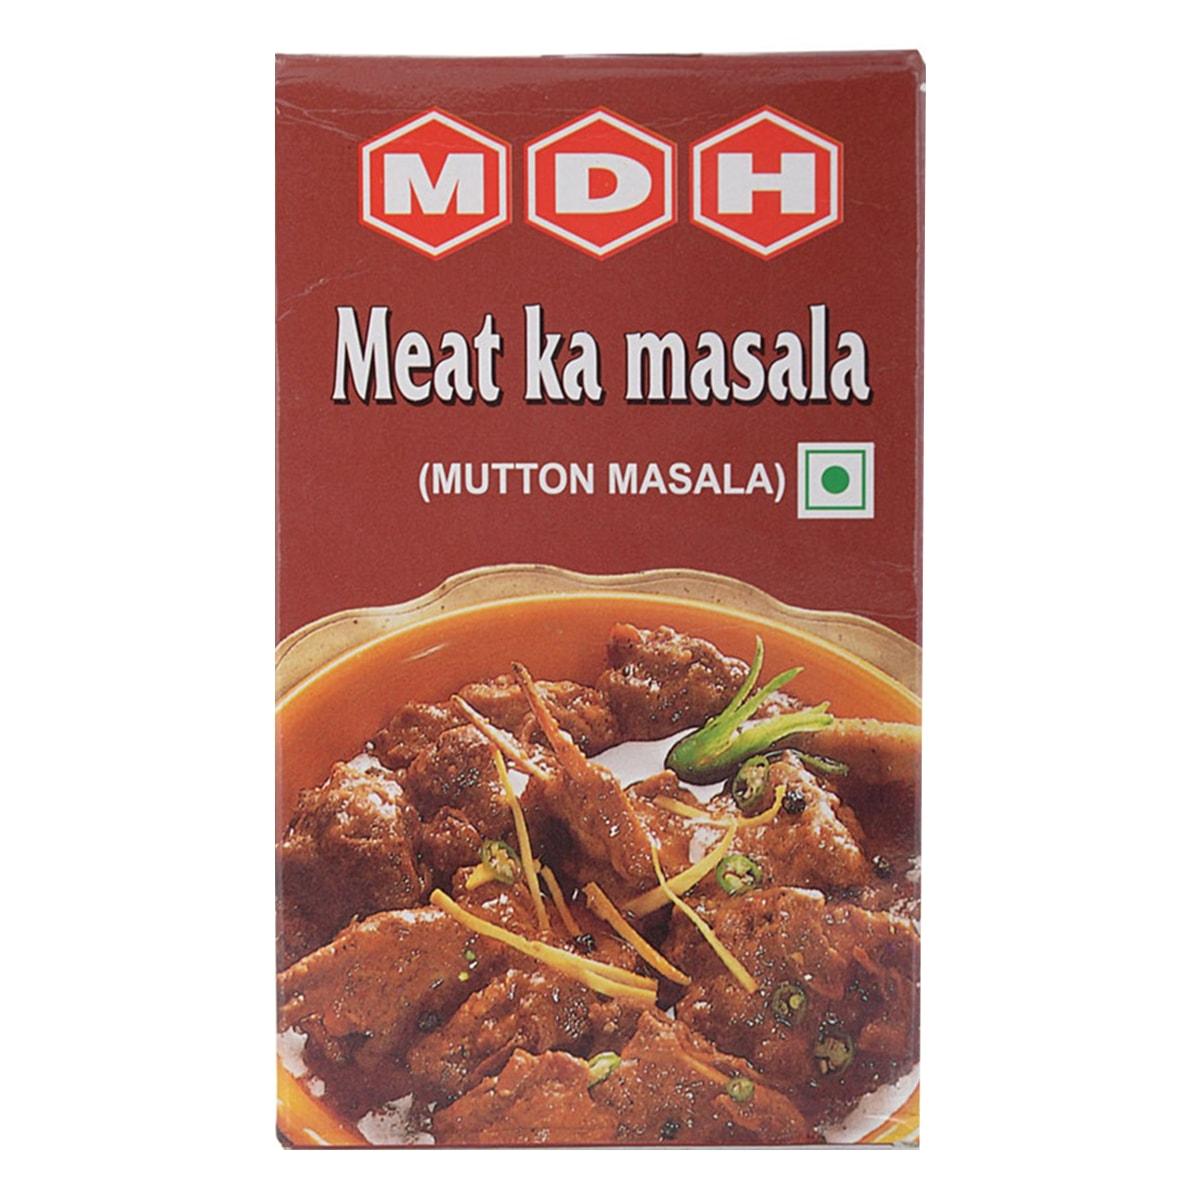 Buy MDH Meat Ka Masala (Mutton Masala) - 100 gm